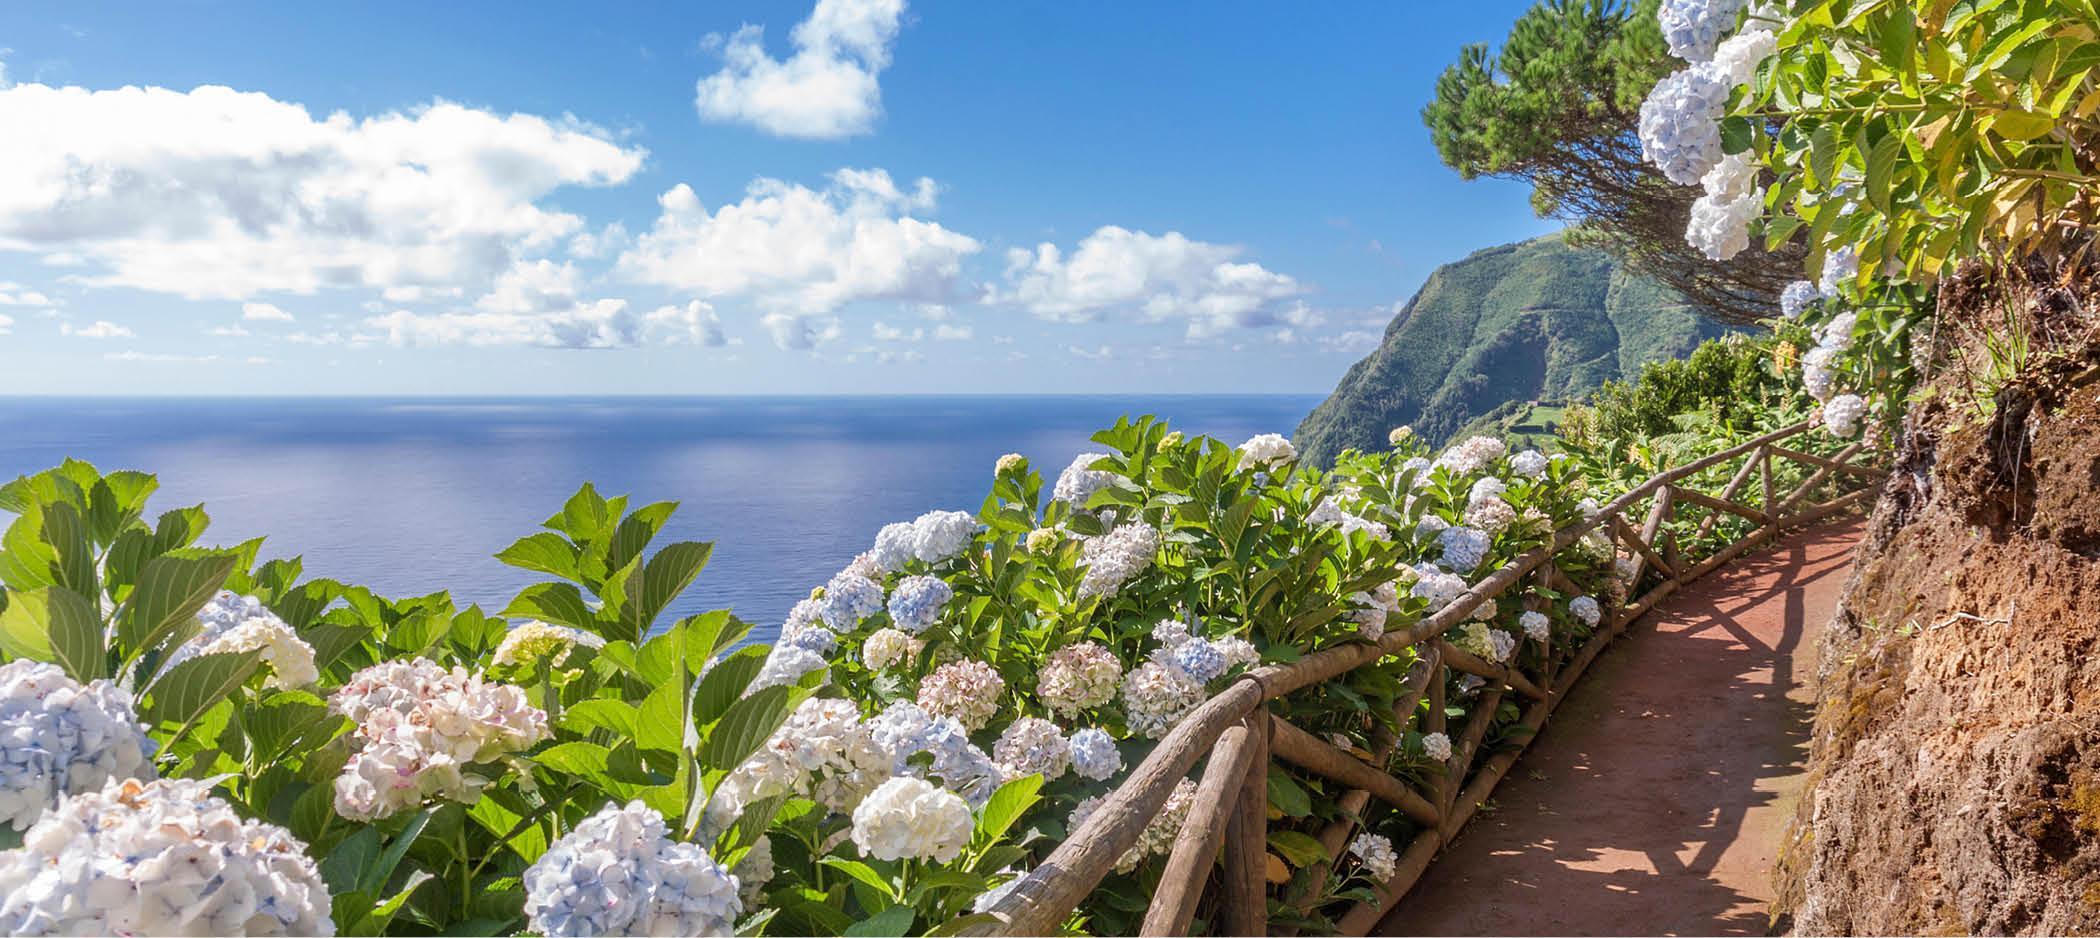 Spektakulære udsigter på Azorerne